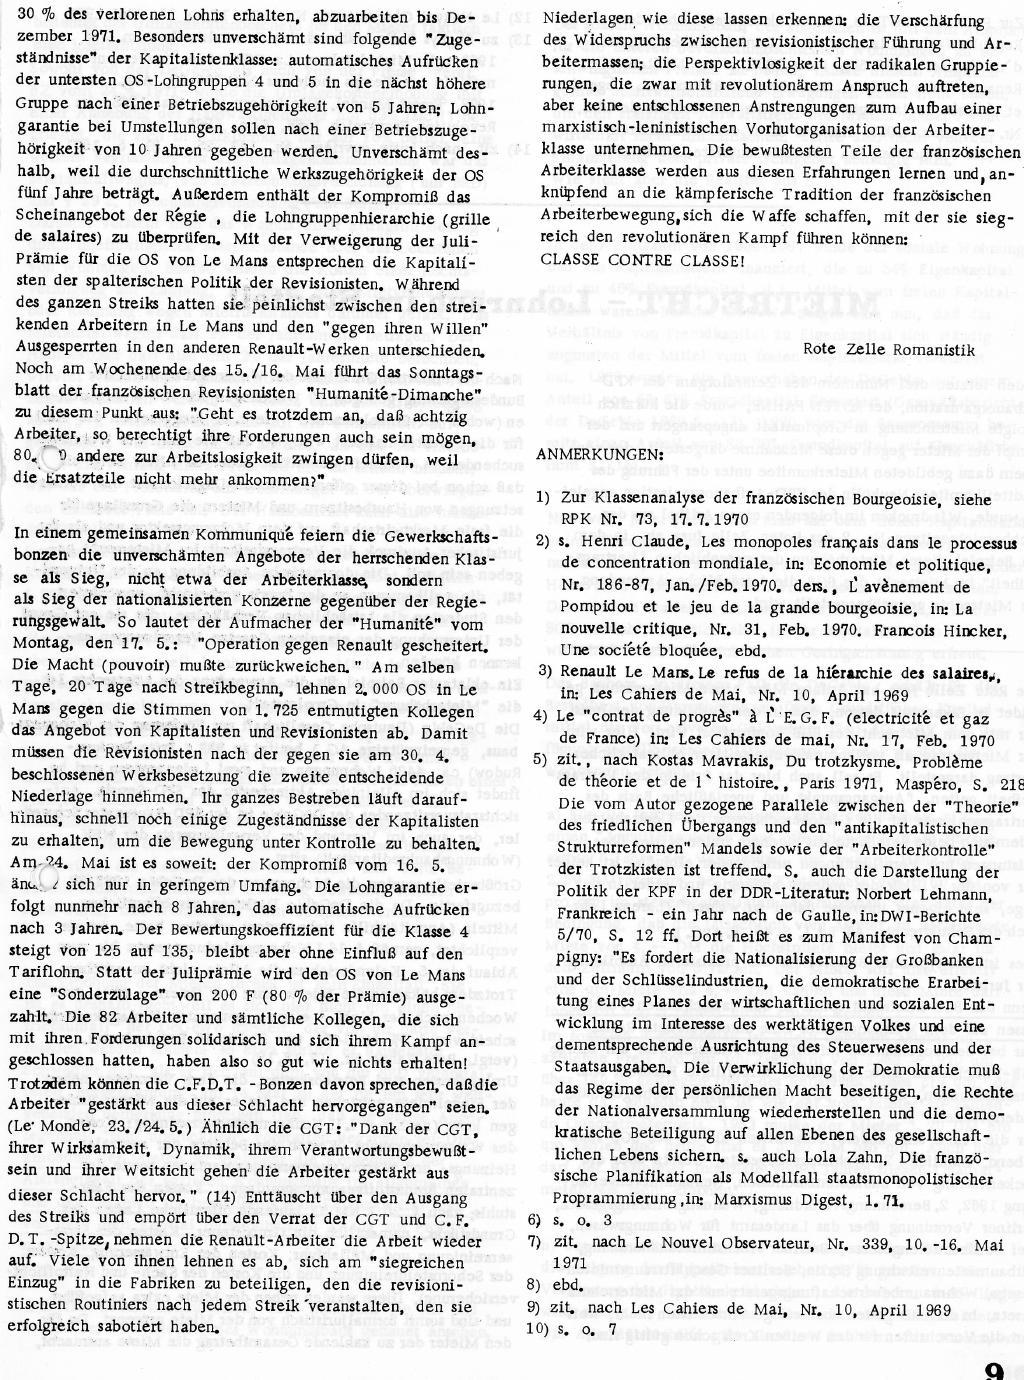 RPK_1971_121_09